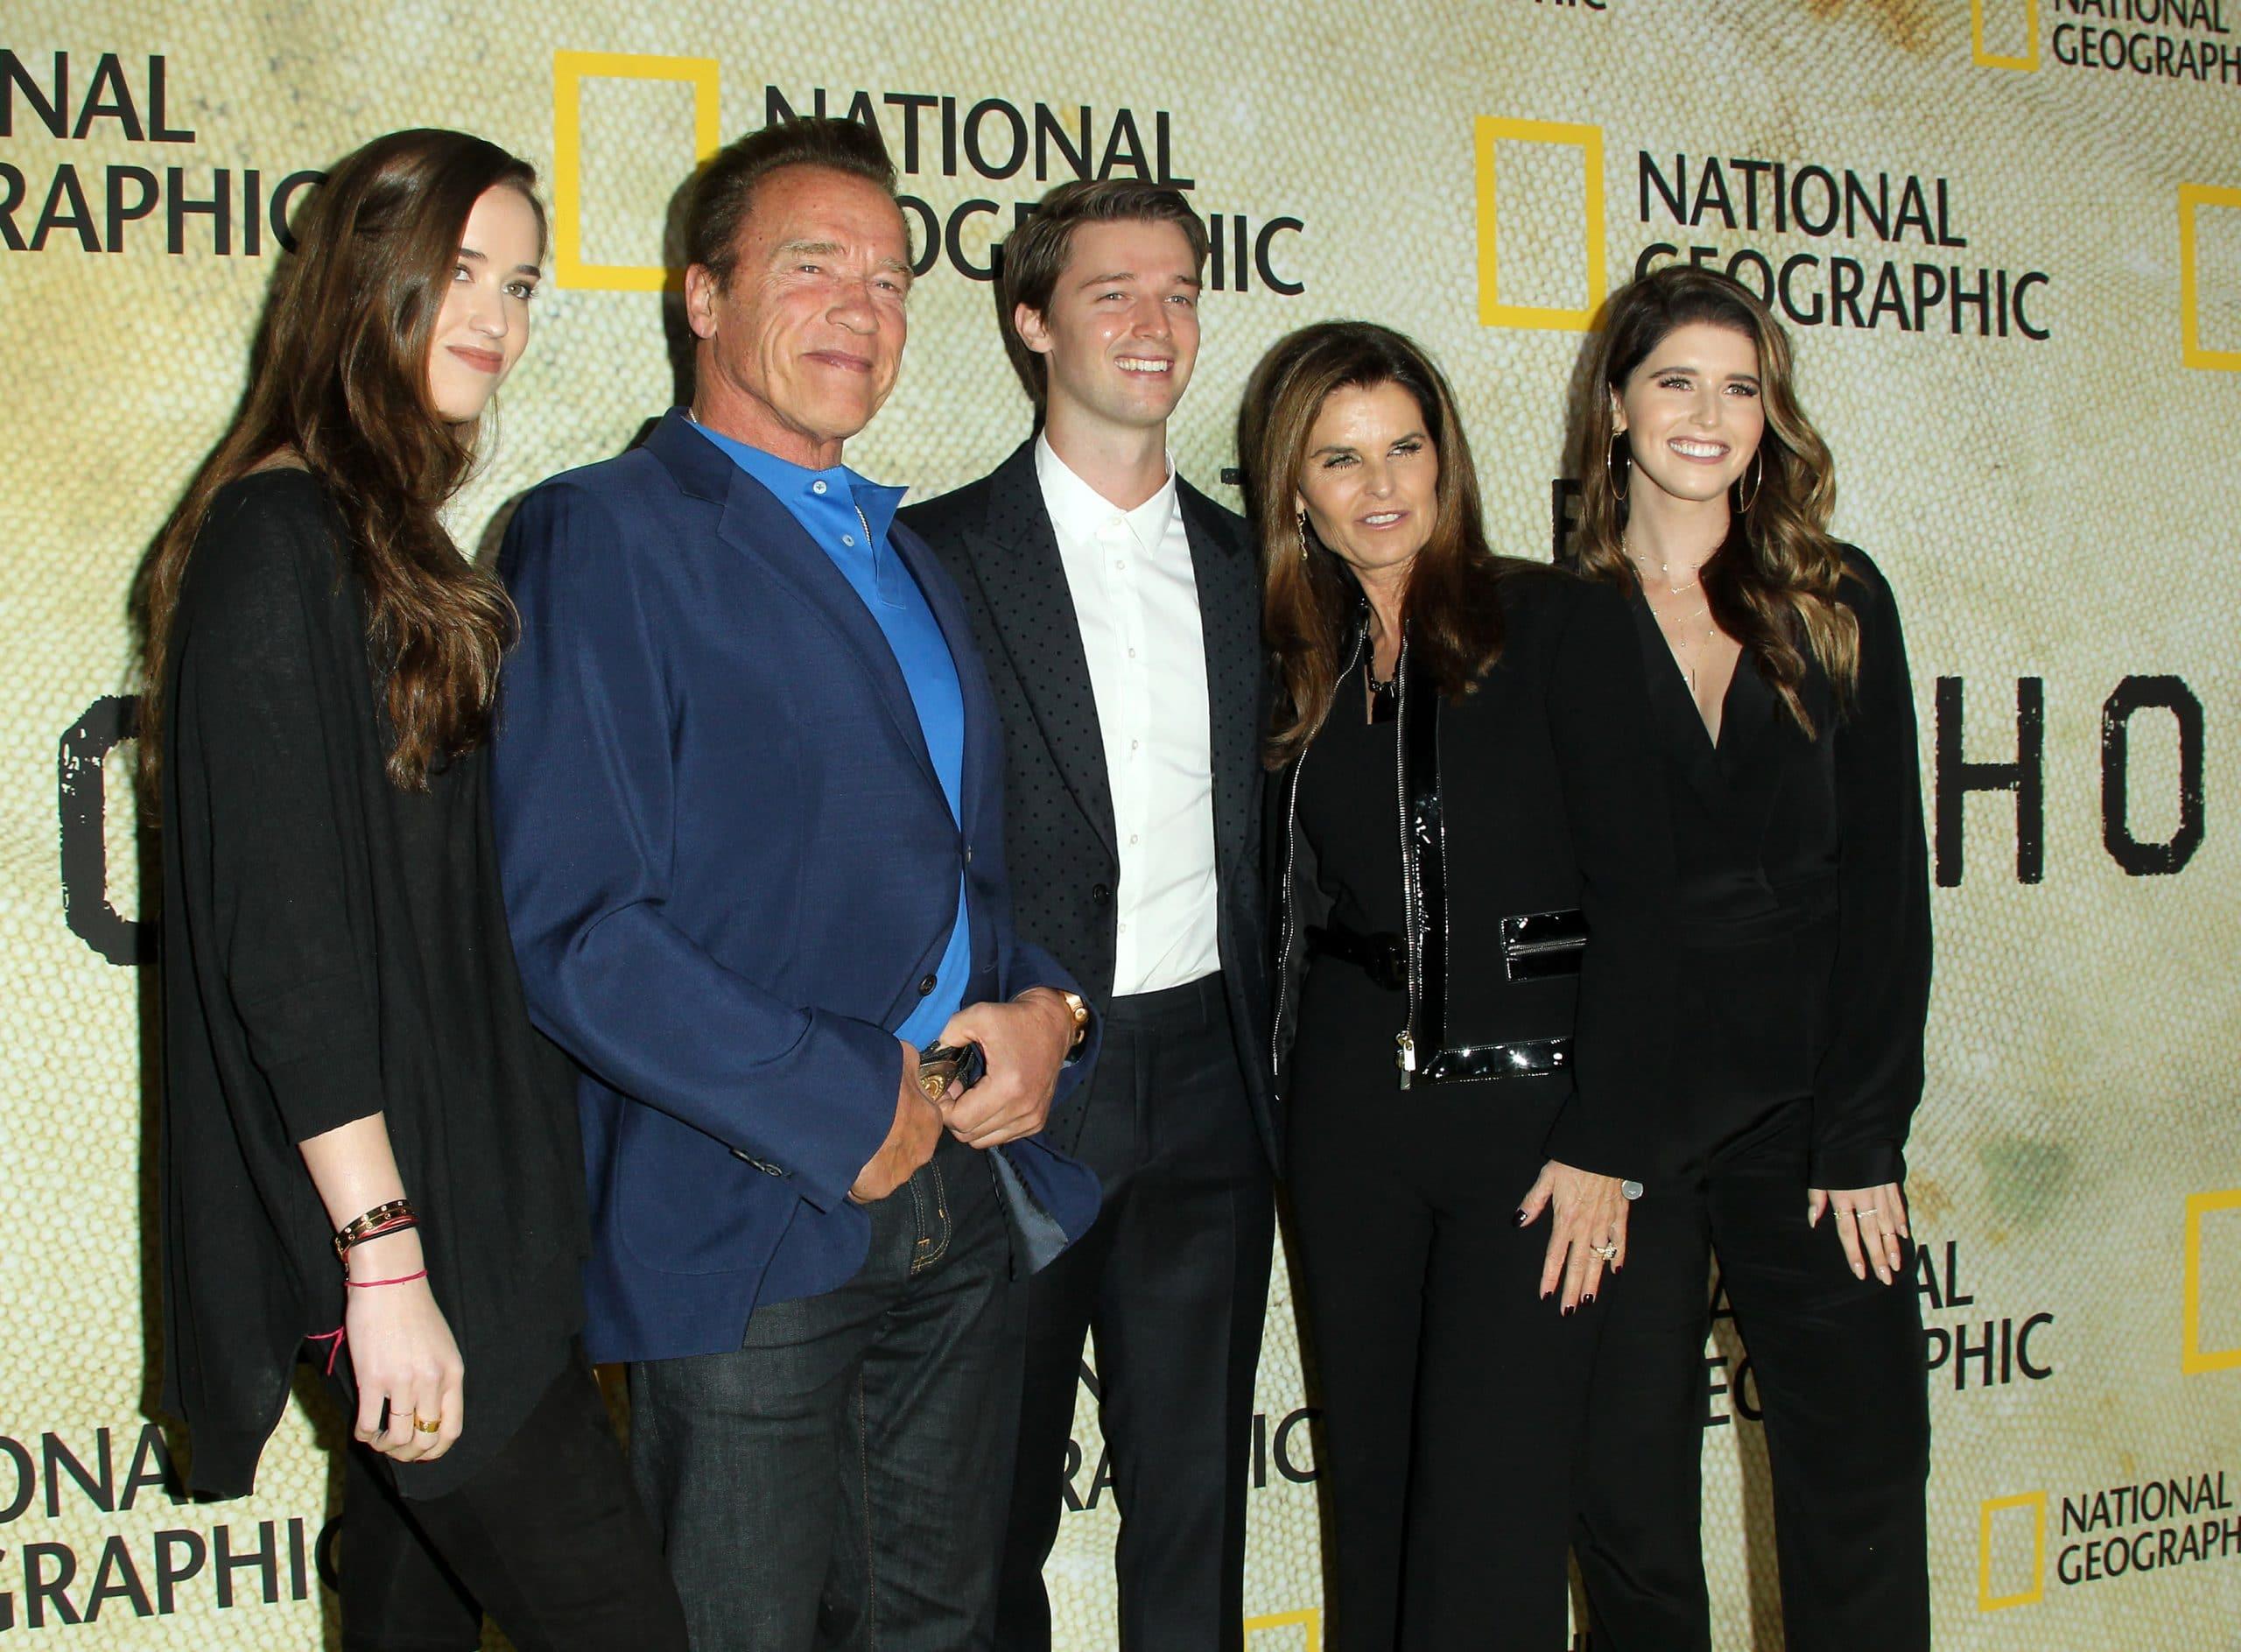 Christina Schwarzenegger, Arnold Schwarzenegger, Patrick Schwarzenegger, Maria Shriver and Katherine Schwarzenegger